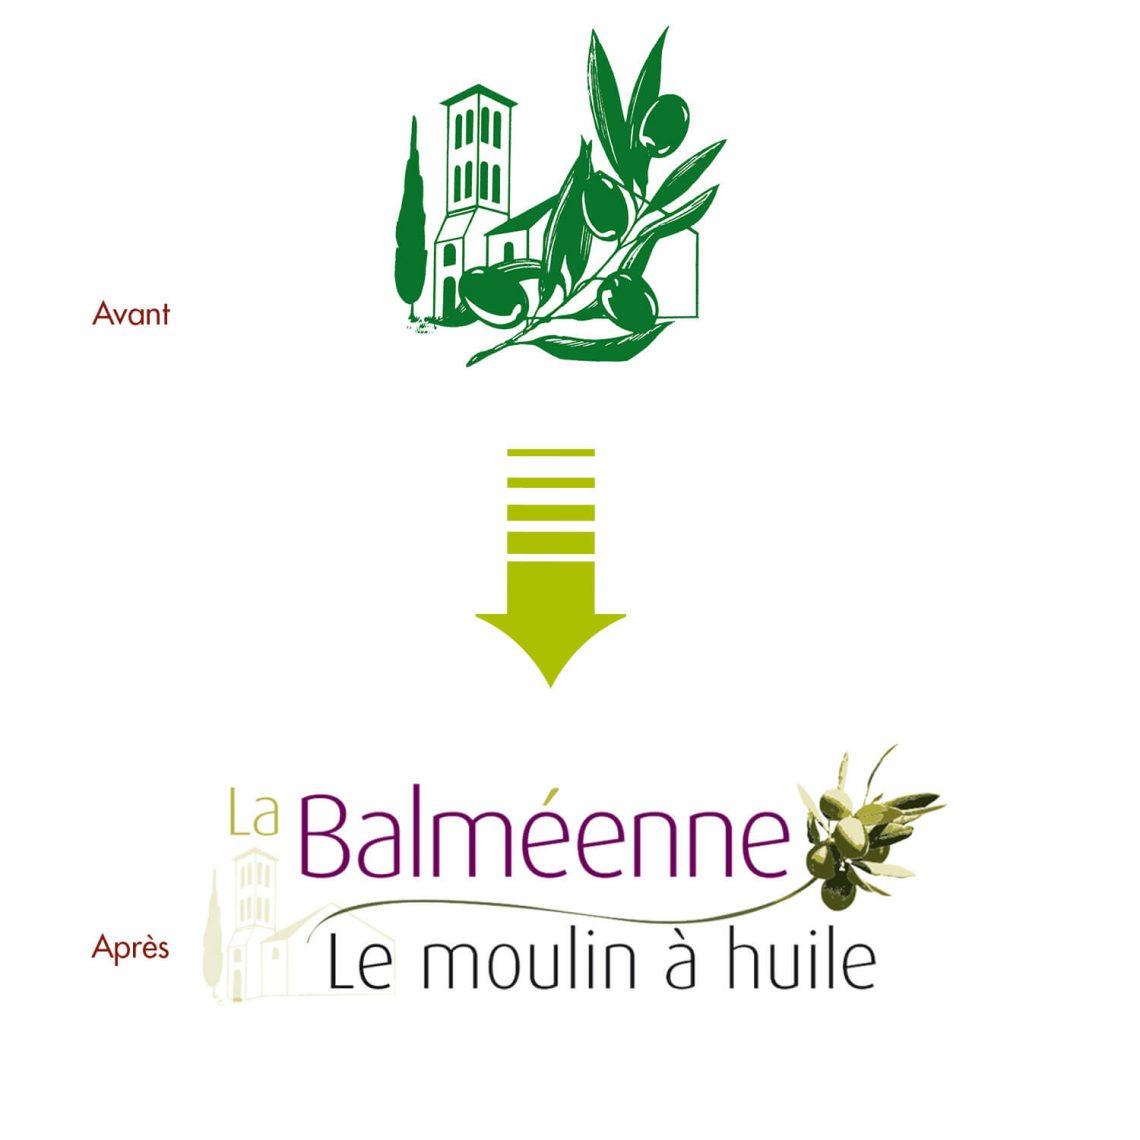 Creation du logo Balmeenne par l'agence de communication IS COMMUNICATION